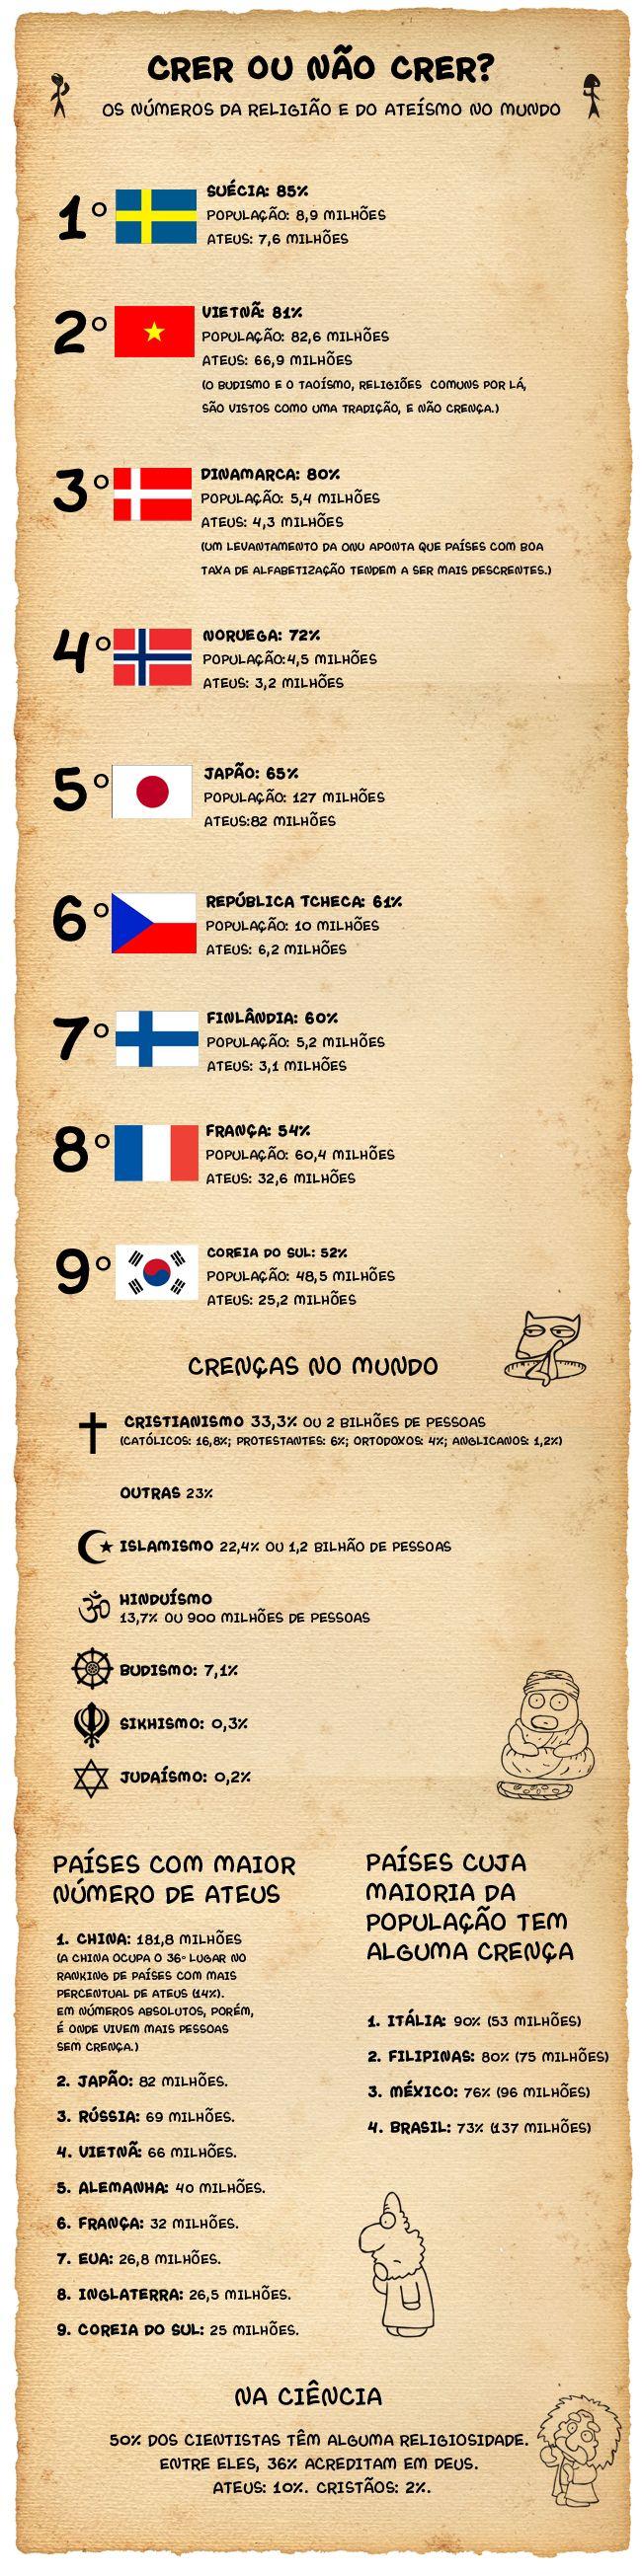 #Infográfico sobre religiao e ateísmo no mundo